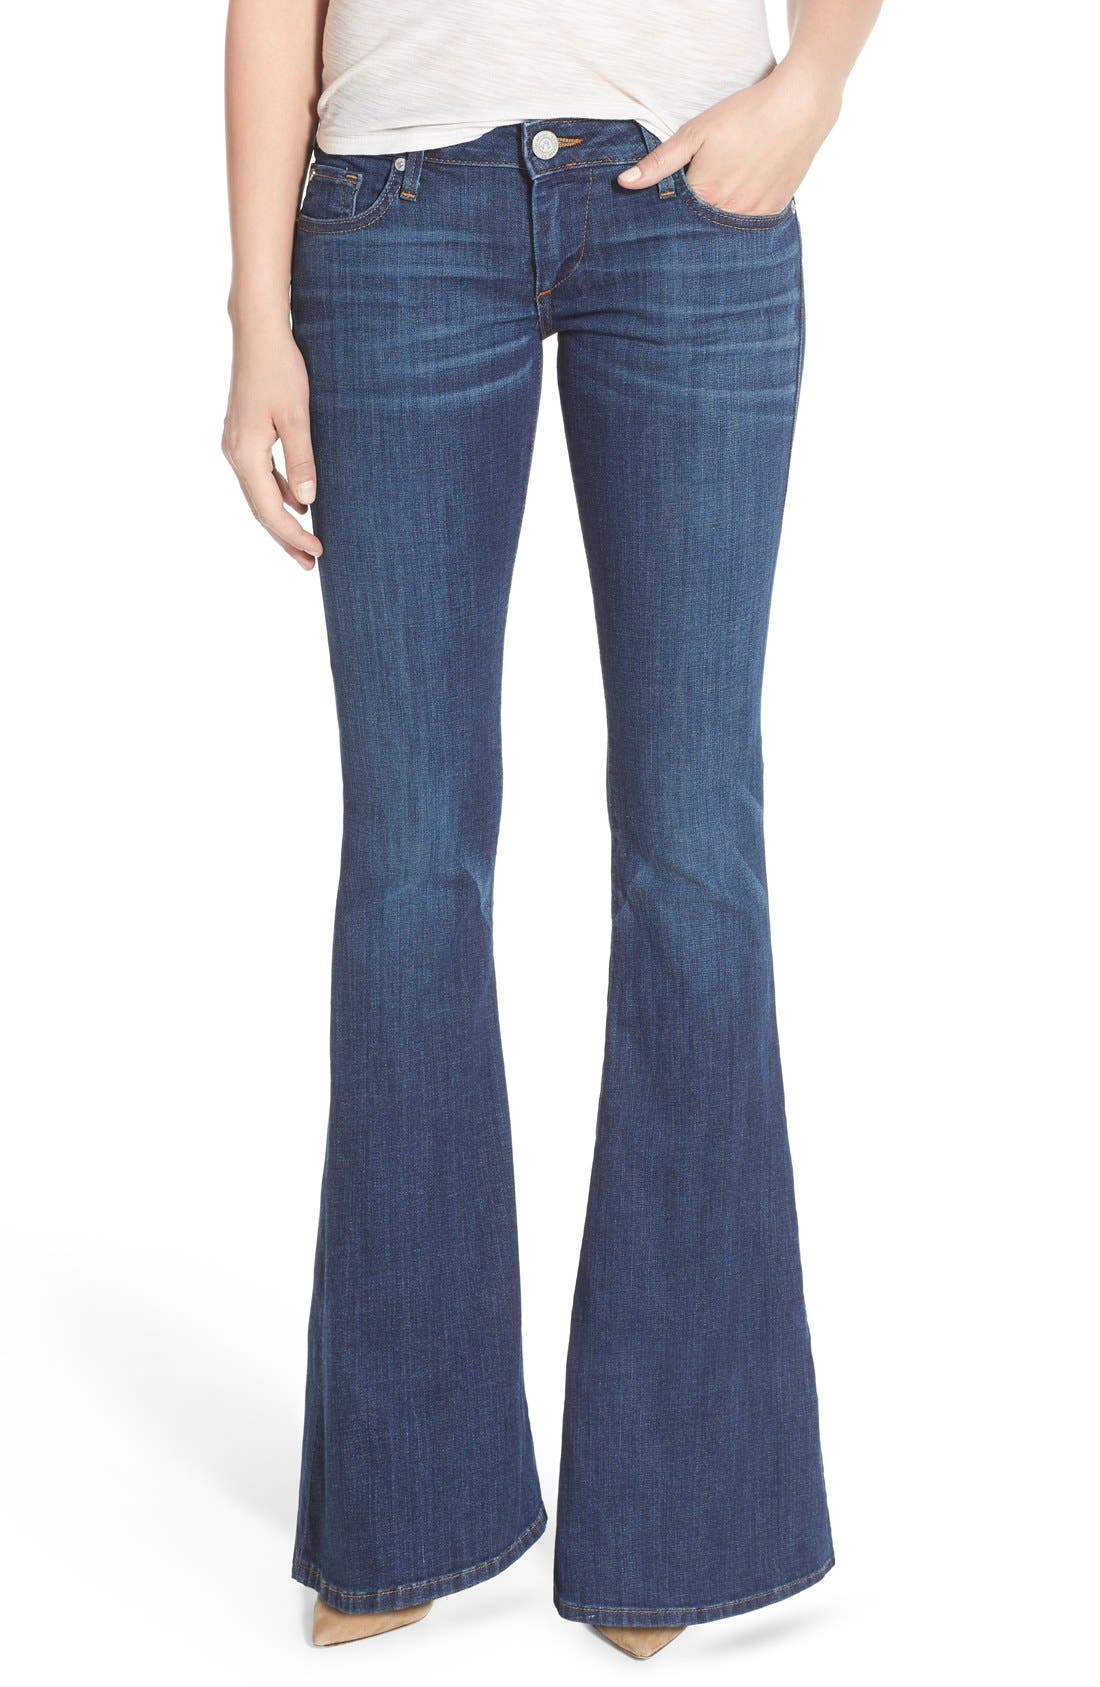 Alternate Image 1 Selected - True Religion Brand Jeans 'Karlie' Bell Bottom Jeans (Worn Vintage)